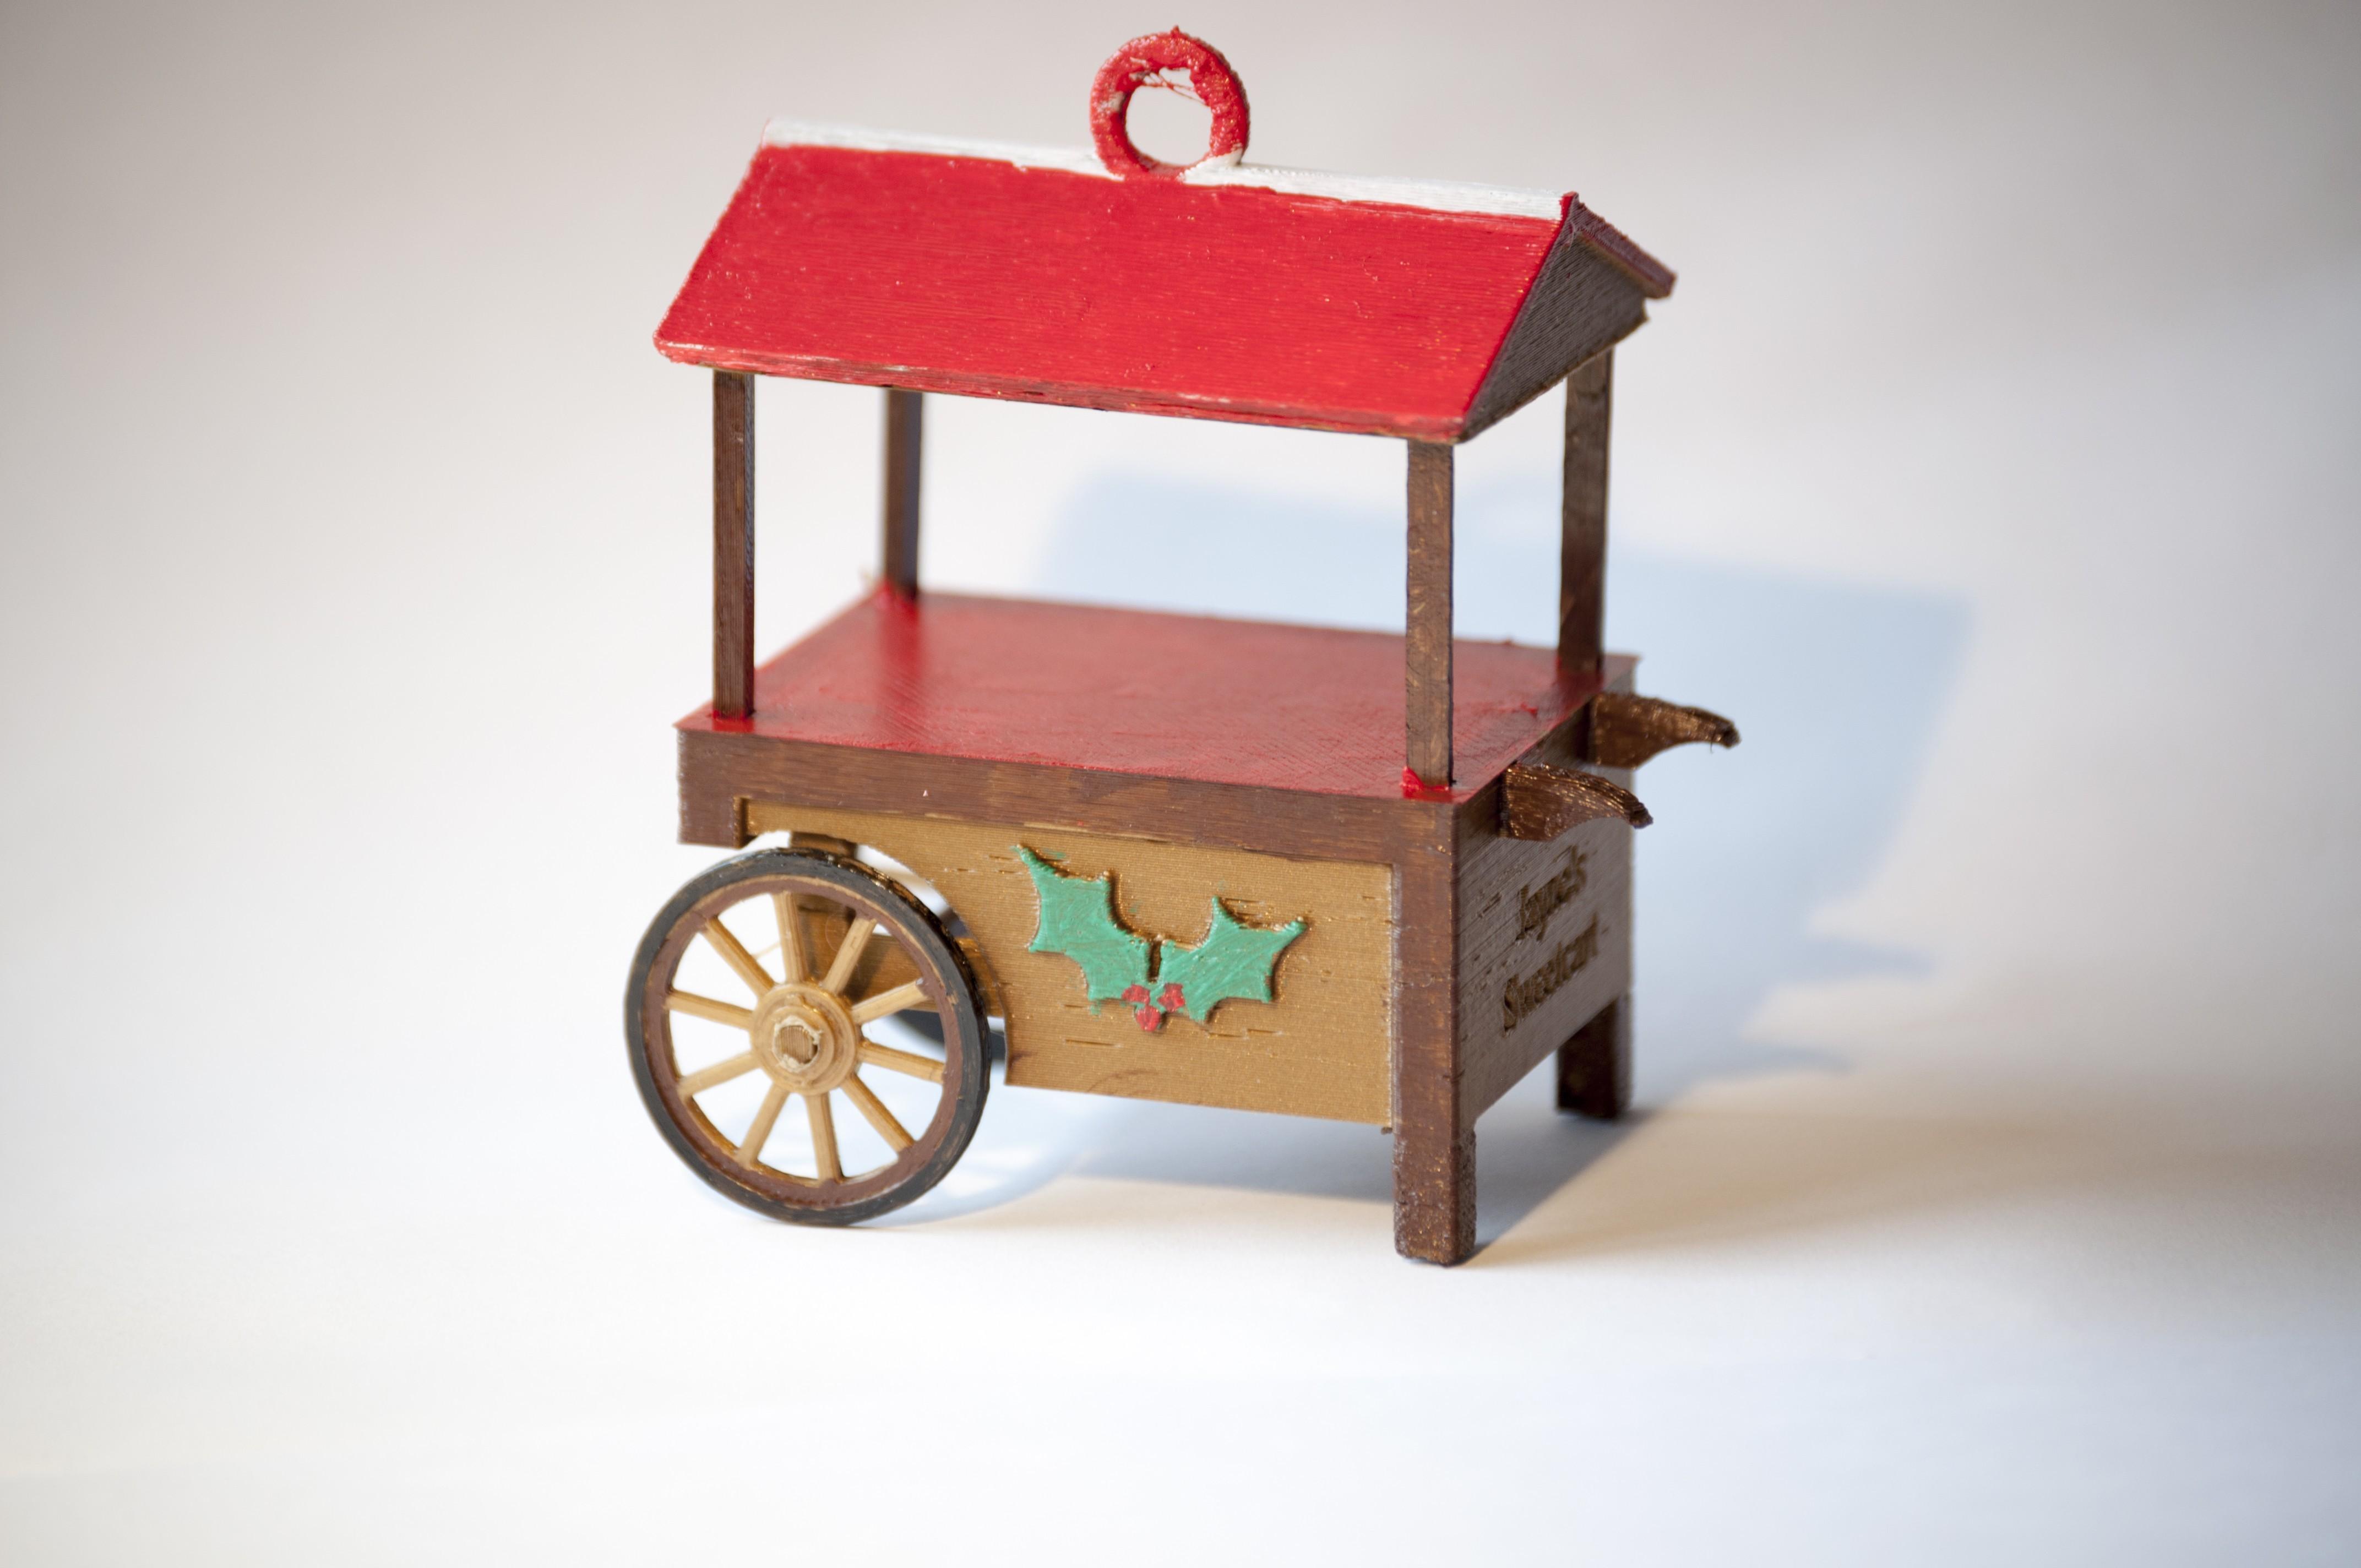 Sweetcart3.jpg Download free STL file Sweet Cart Christmas Ornament • 3D printable design, wjordan819